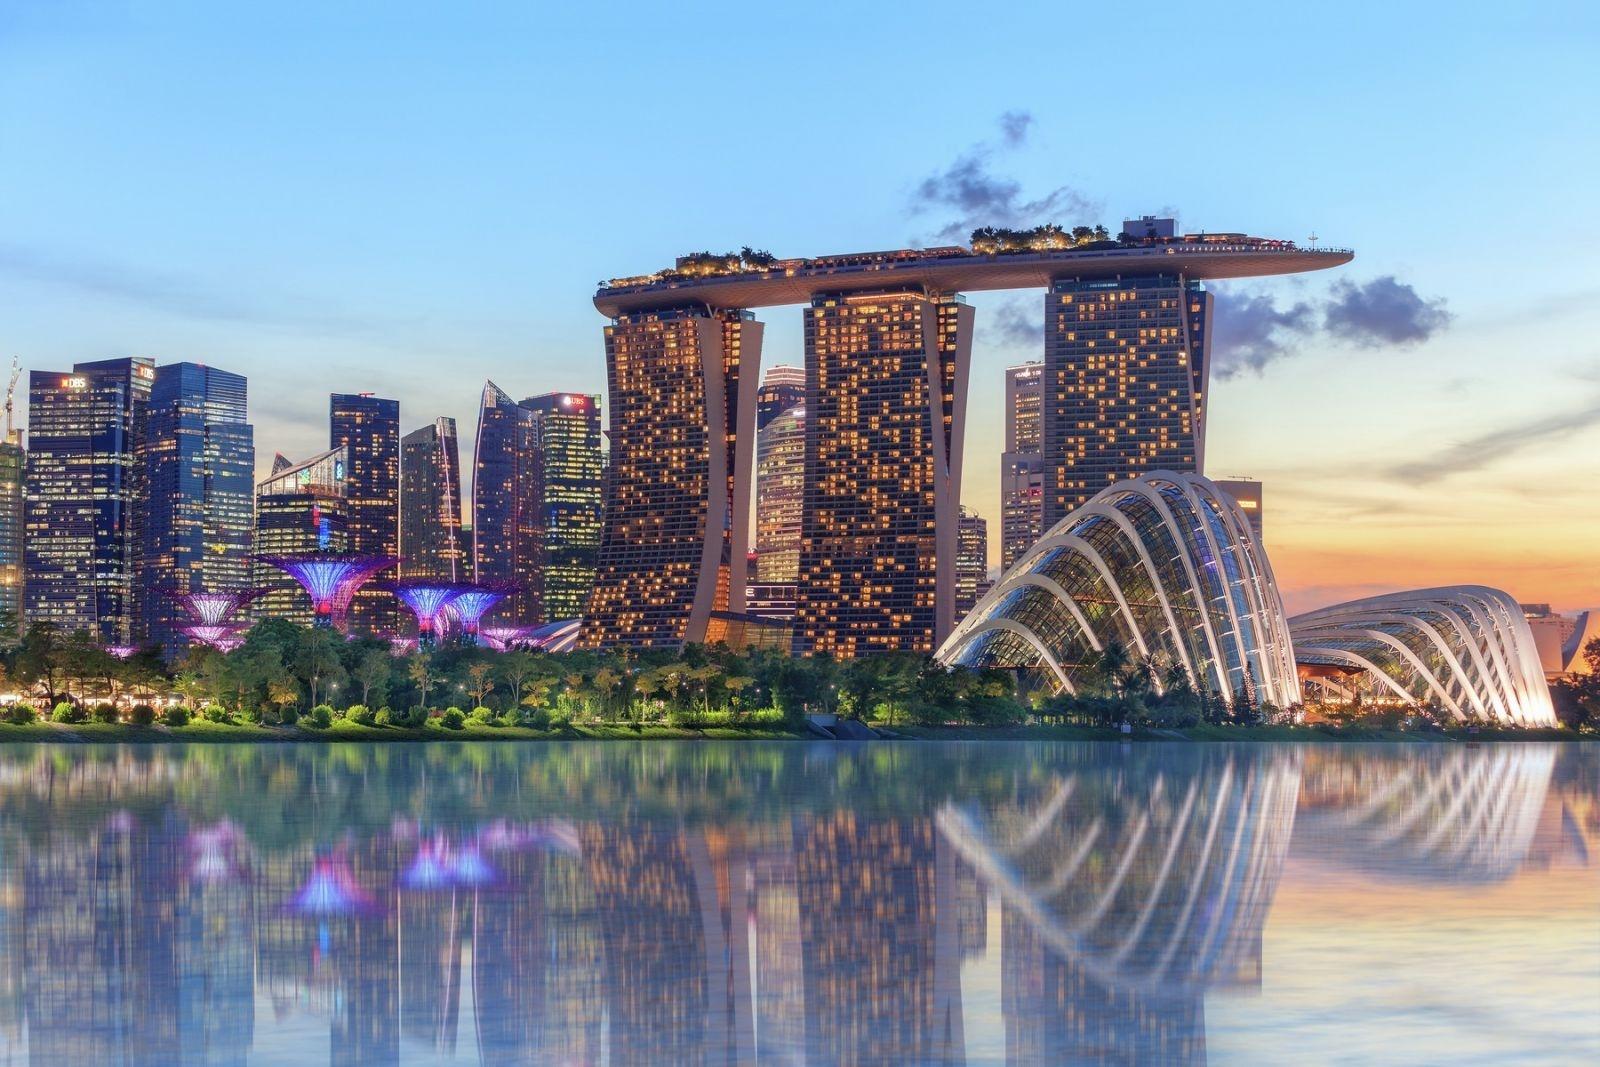 kinh te singapore du kien se phuc hoi vao nam 2021